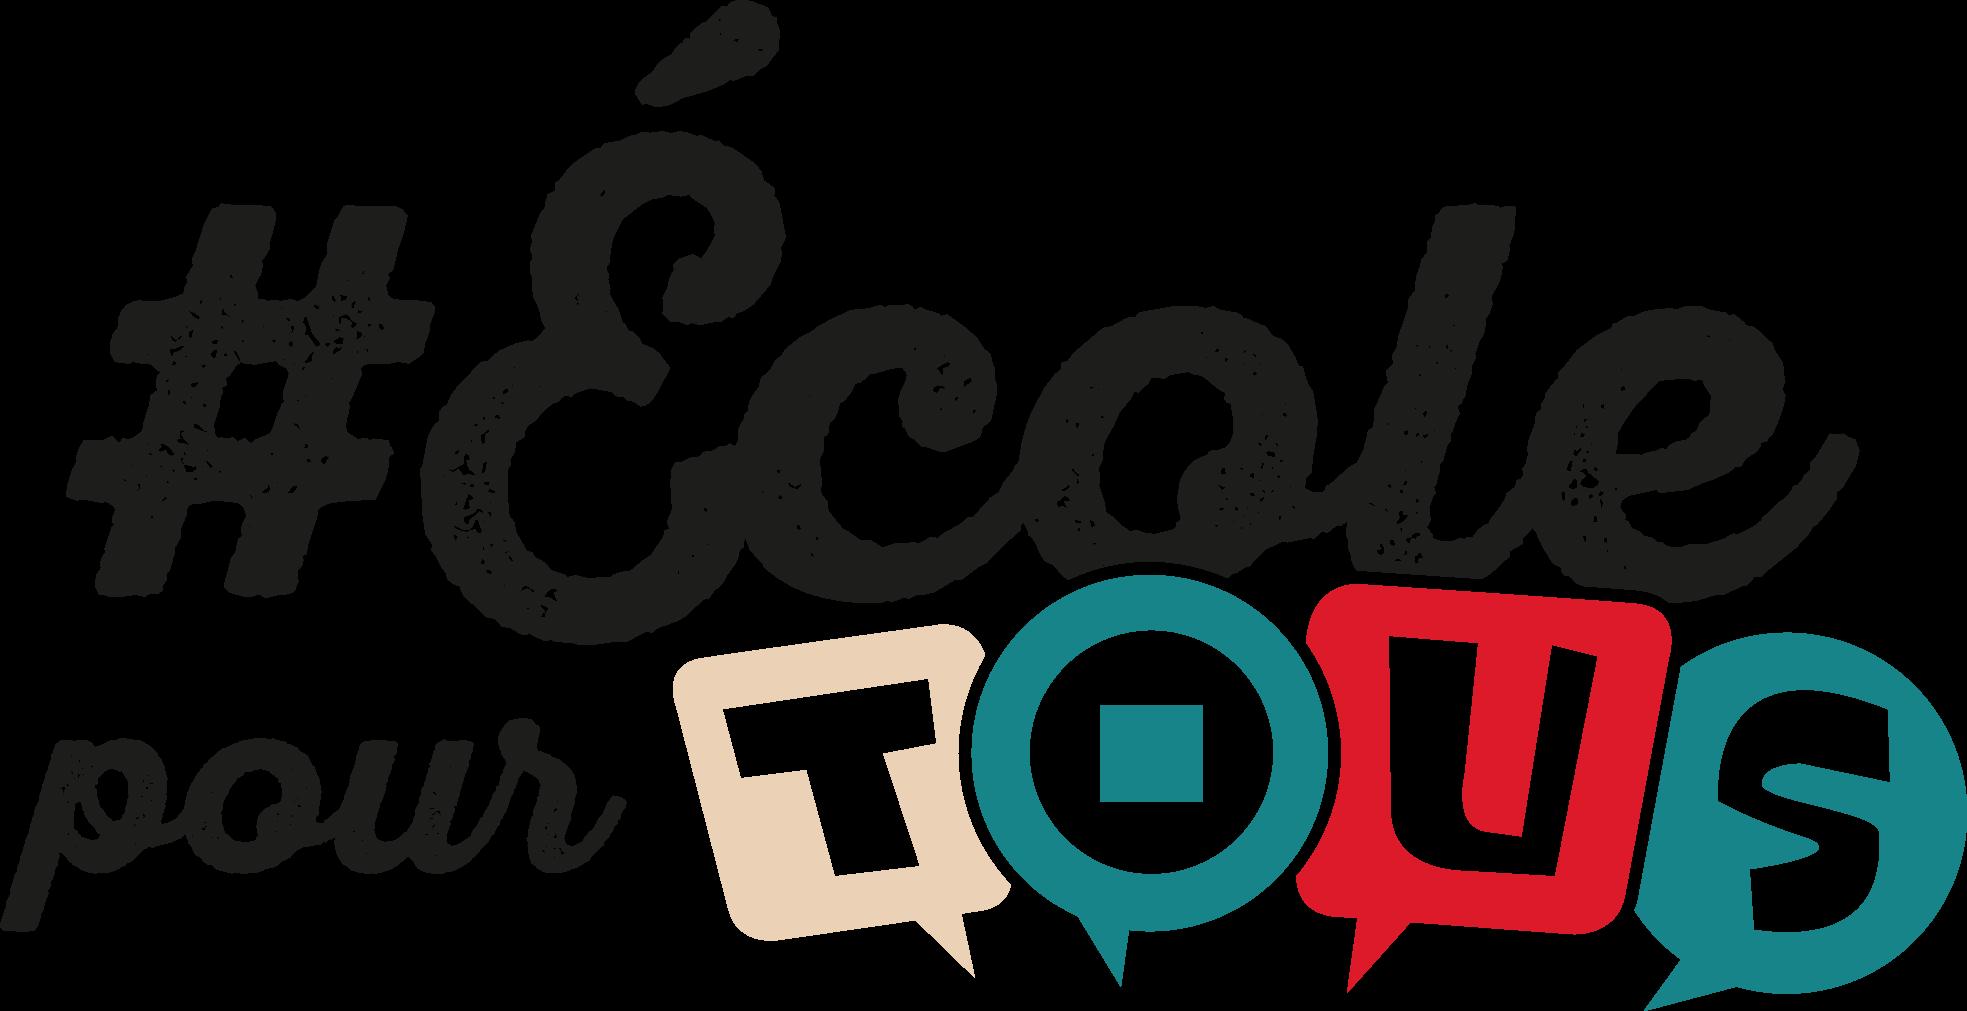 #EcolePourTous